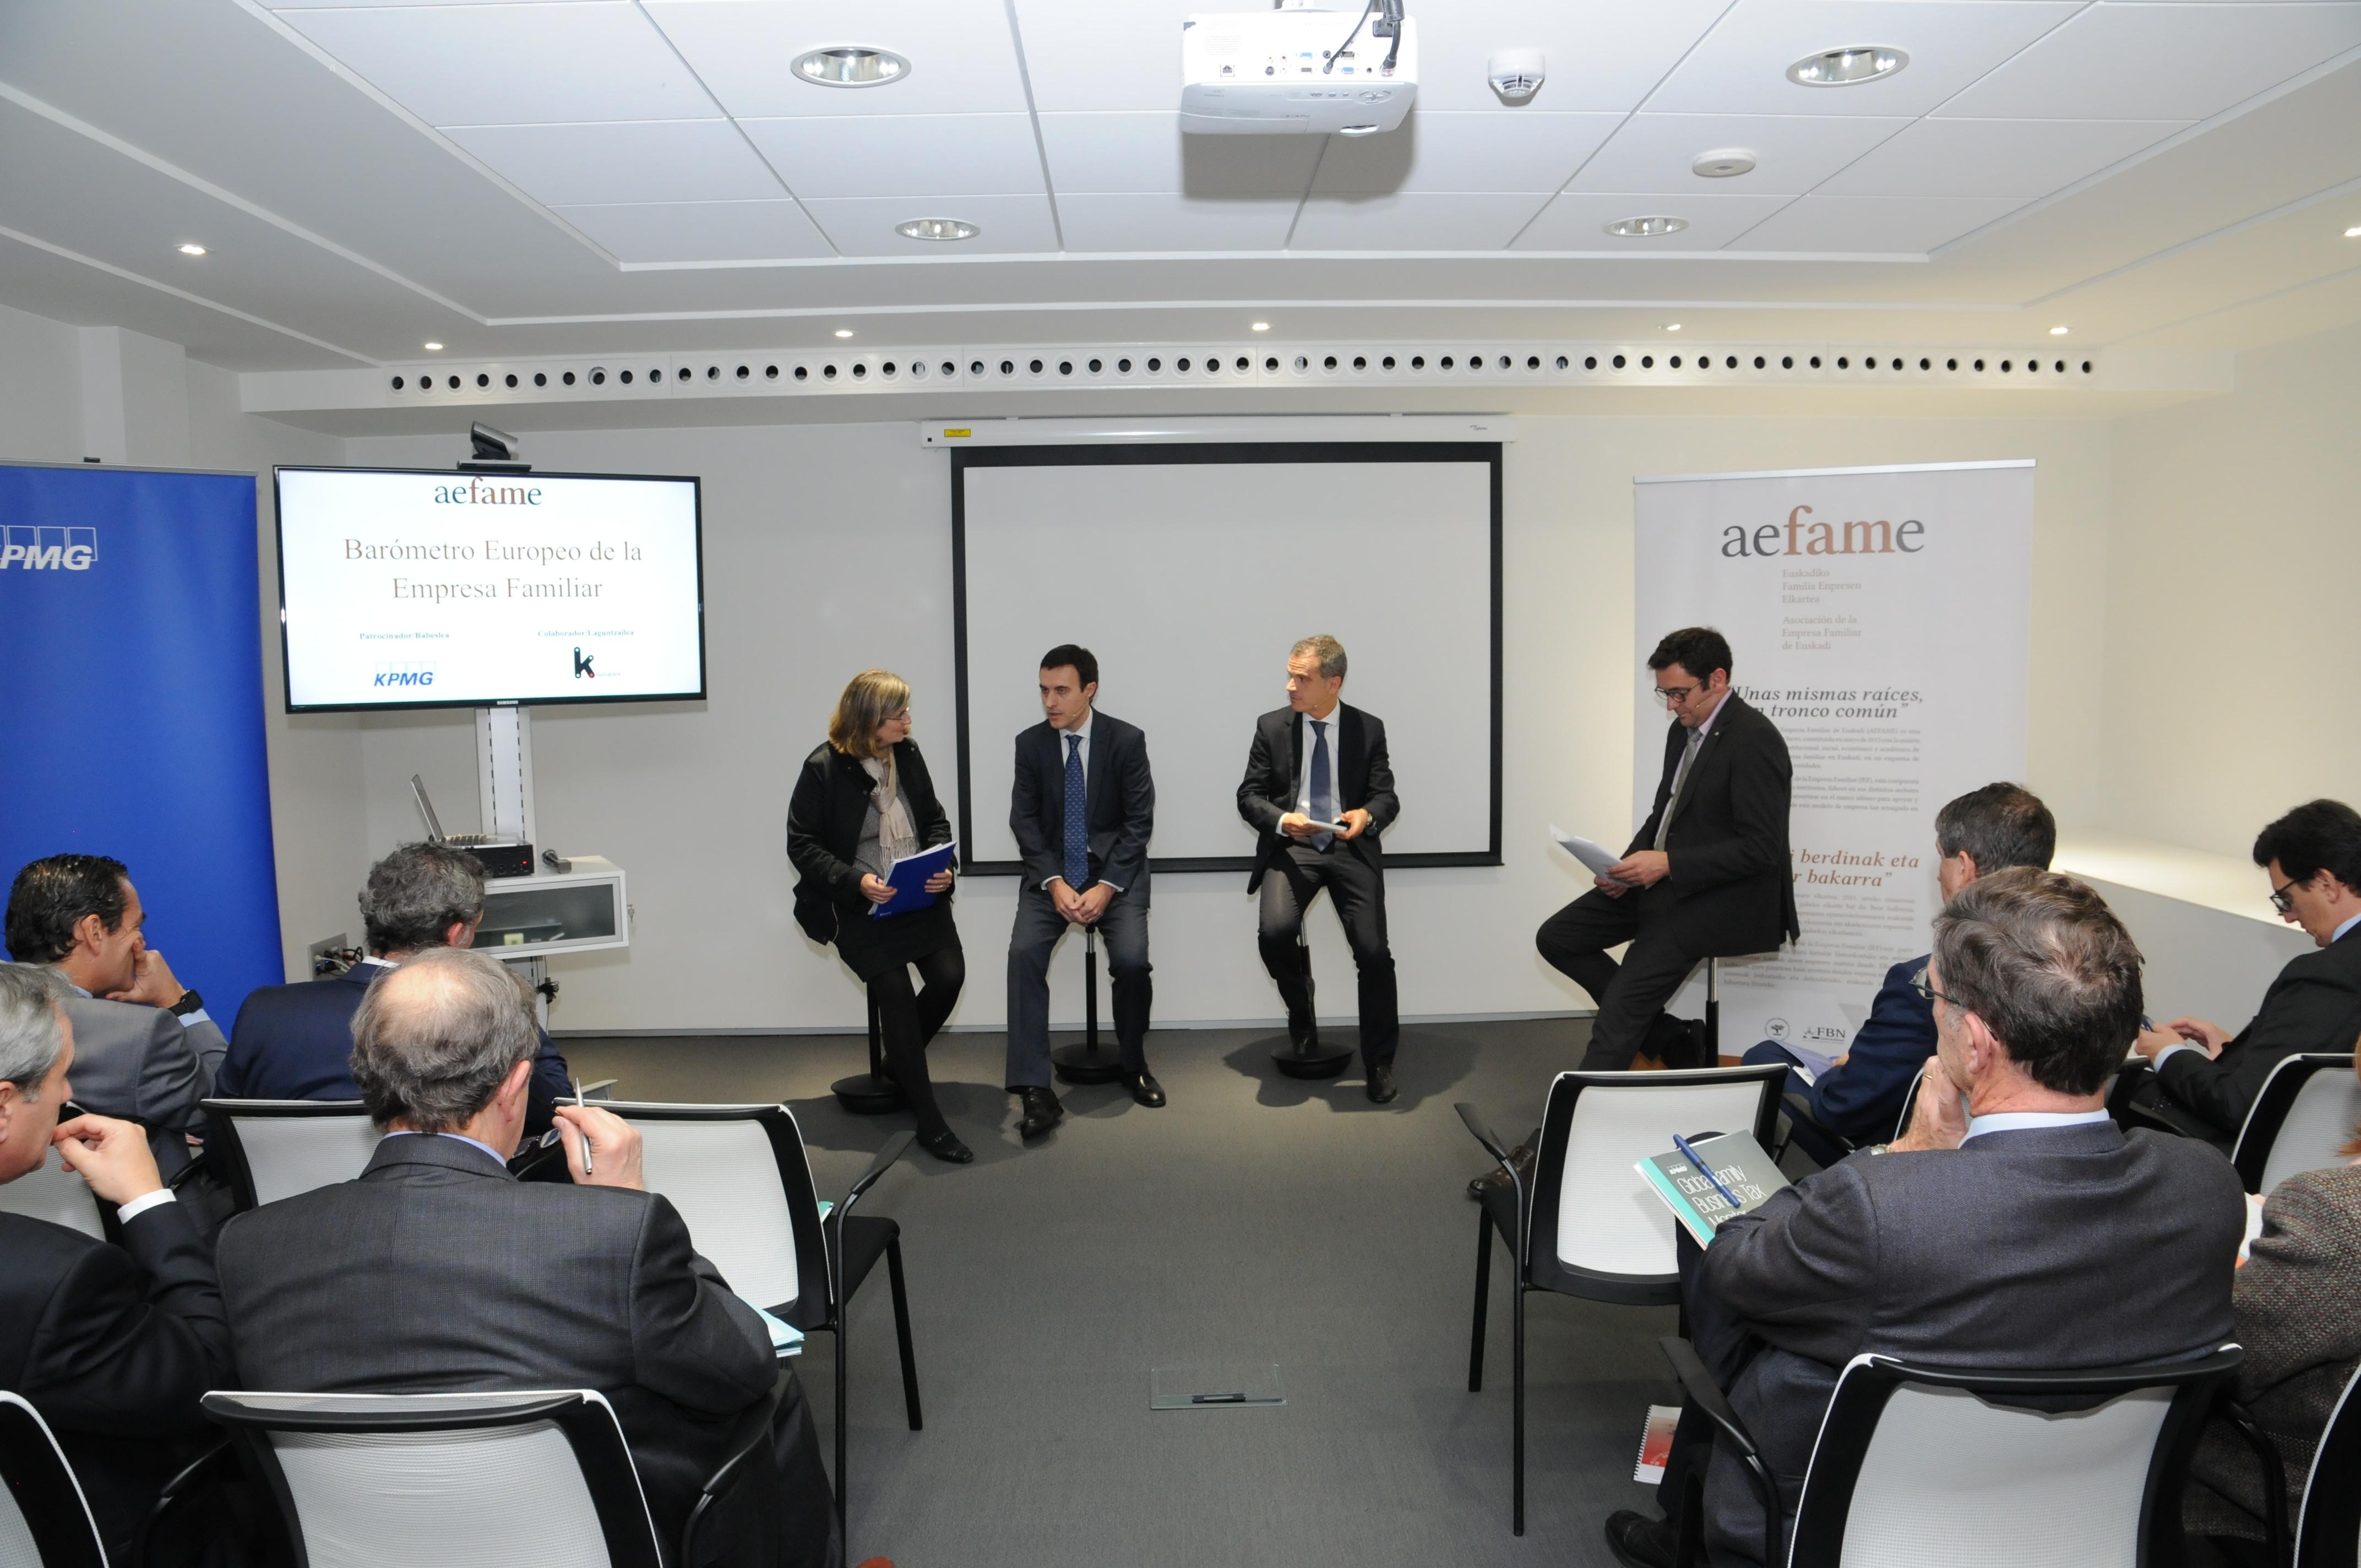 Un momento del diálogo entre Jabier Larrañaga y José Ramón Fernández de Barrena